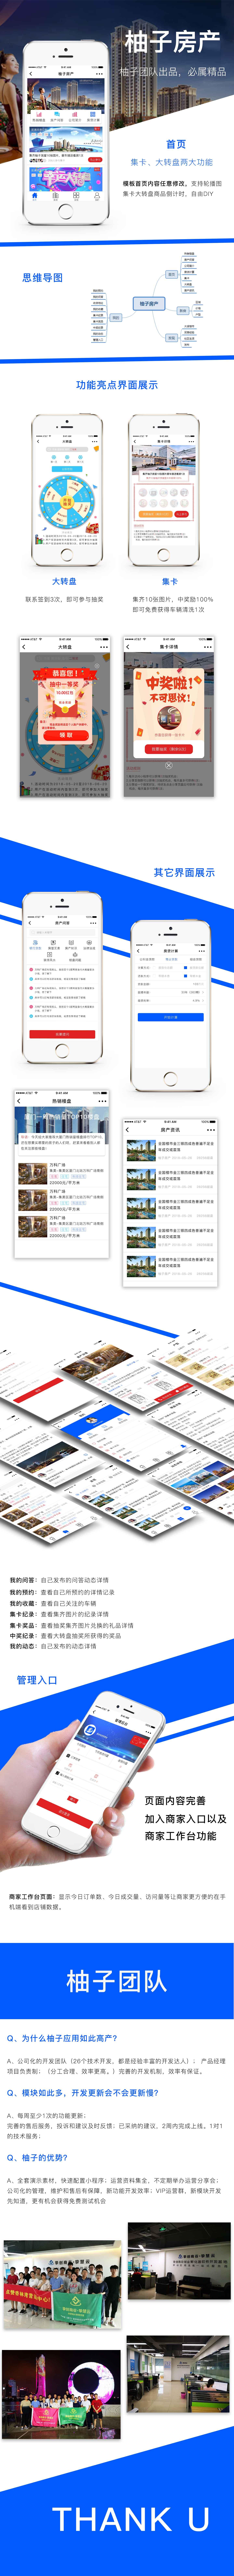 柚子房产GUI.jpg